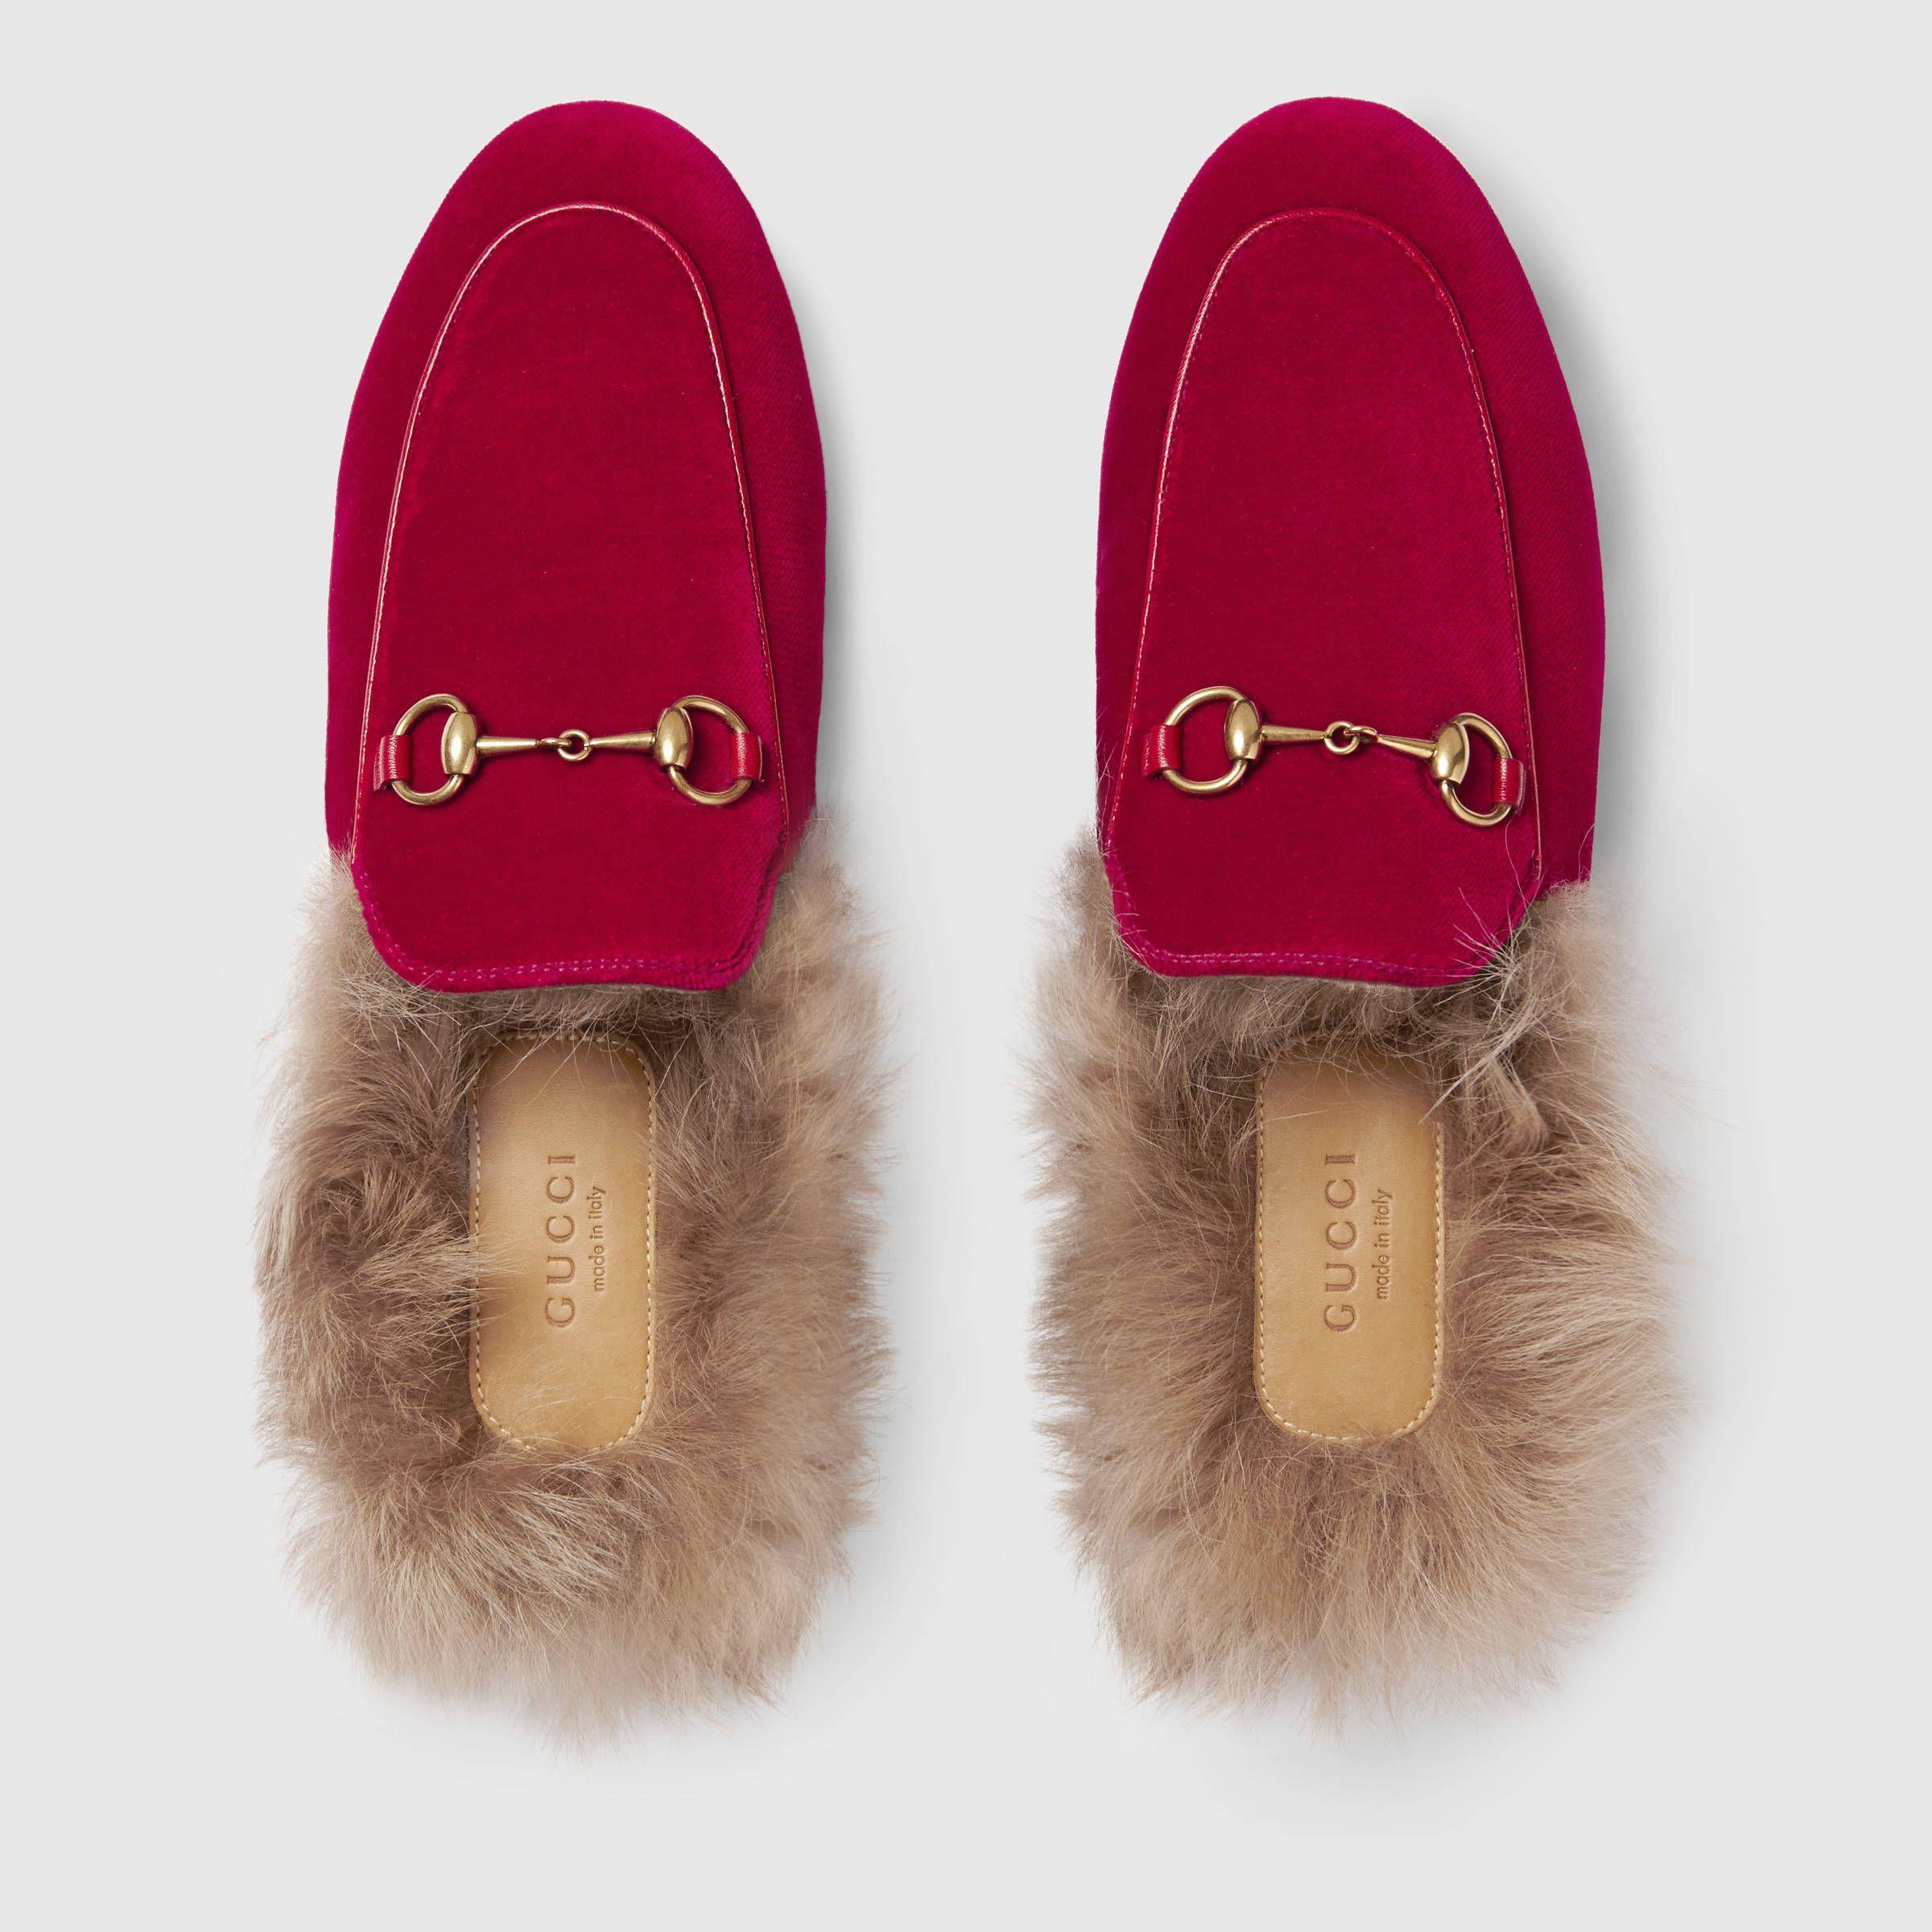 feb0f811e Gucci Princetown velvet slipper. Gucci Princetown velvet slipper Loafer  Mules, Loafer Flats ...